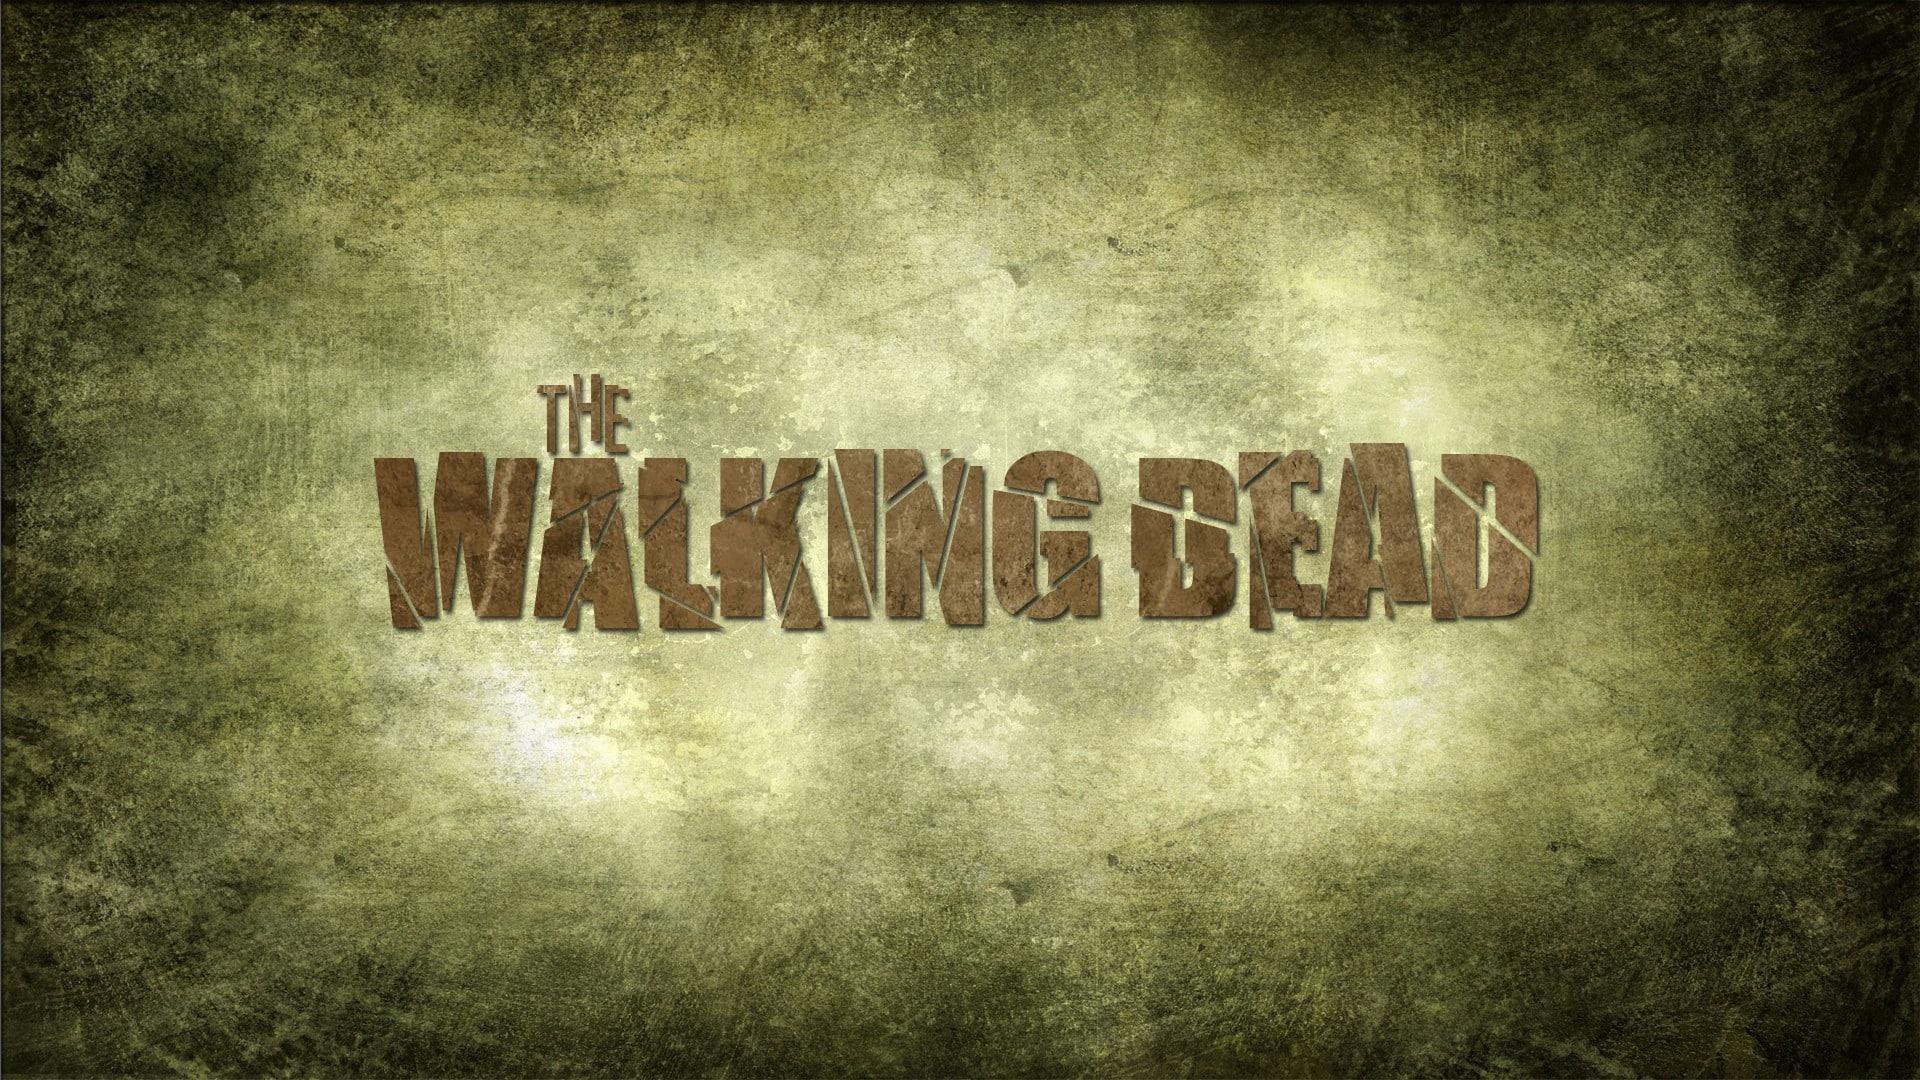 The Walking Dead hd background